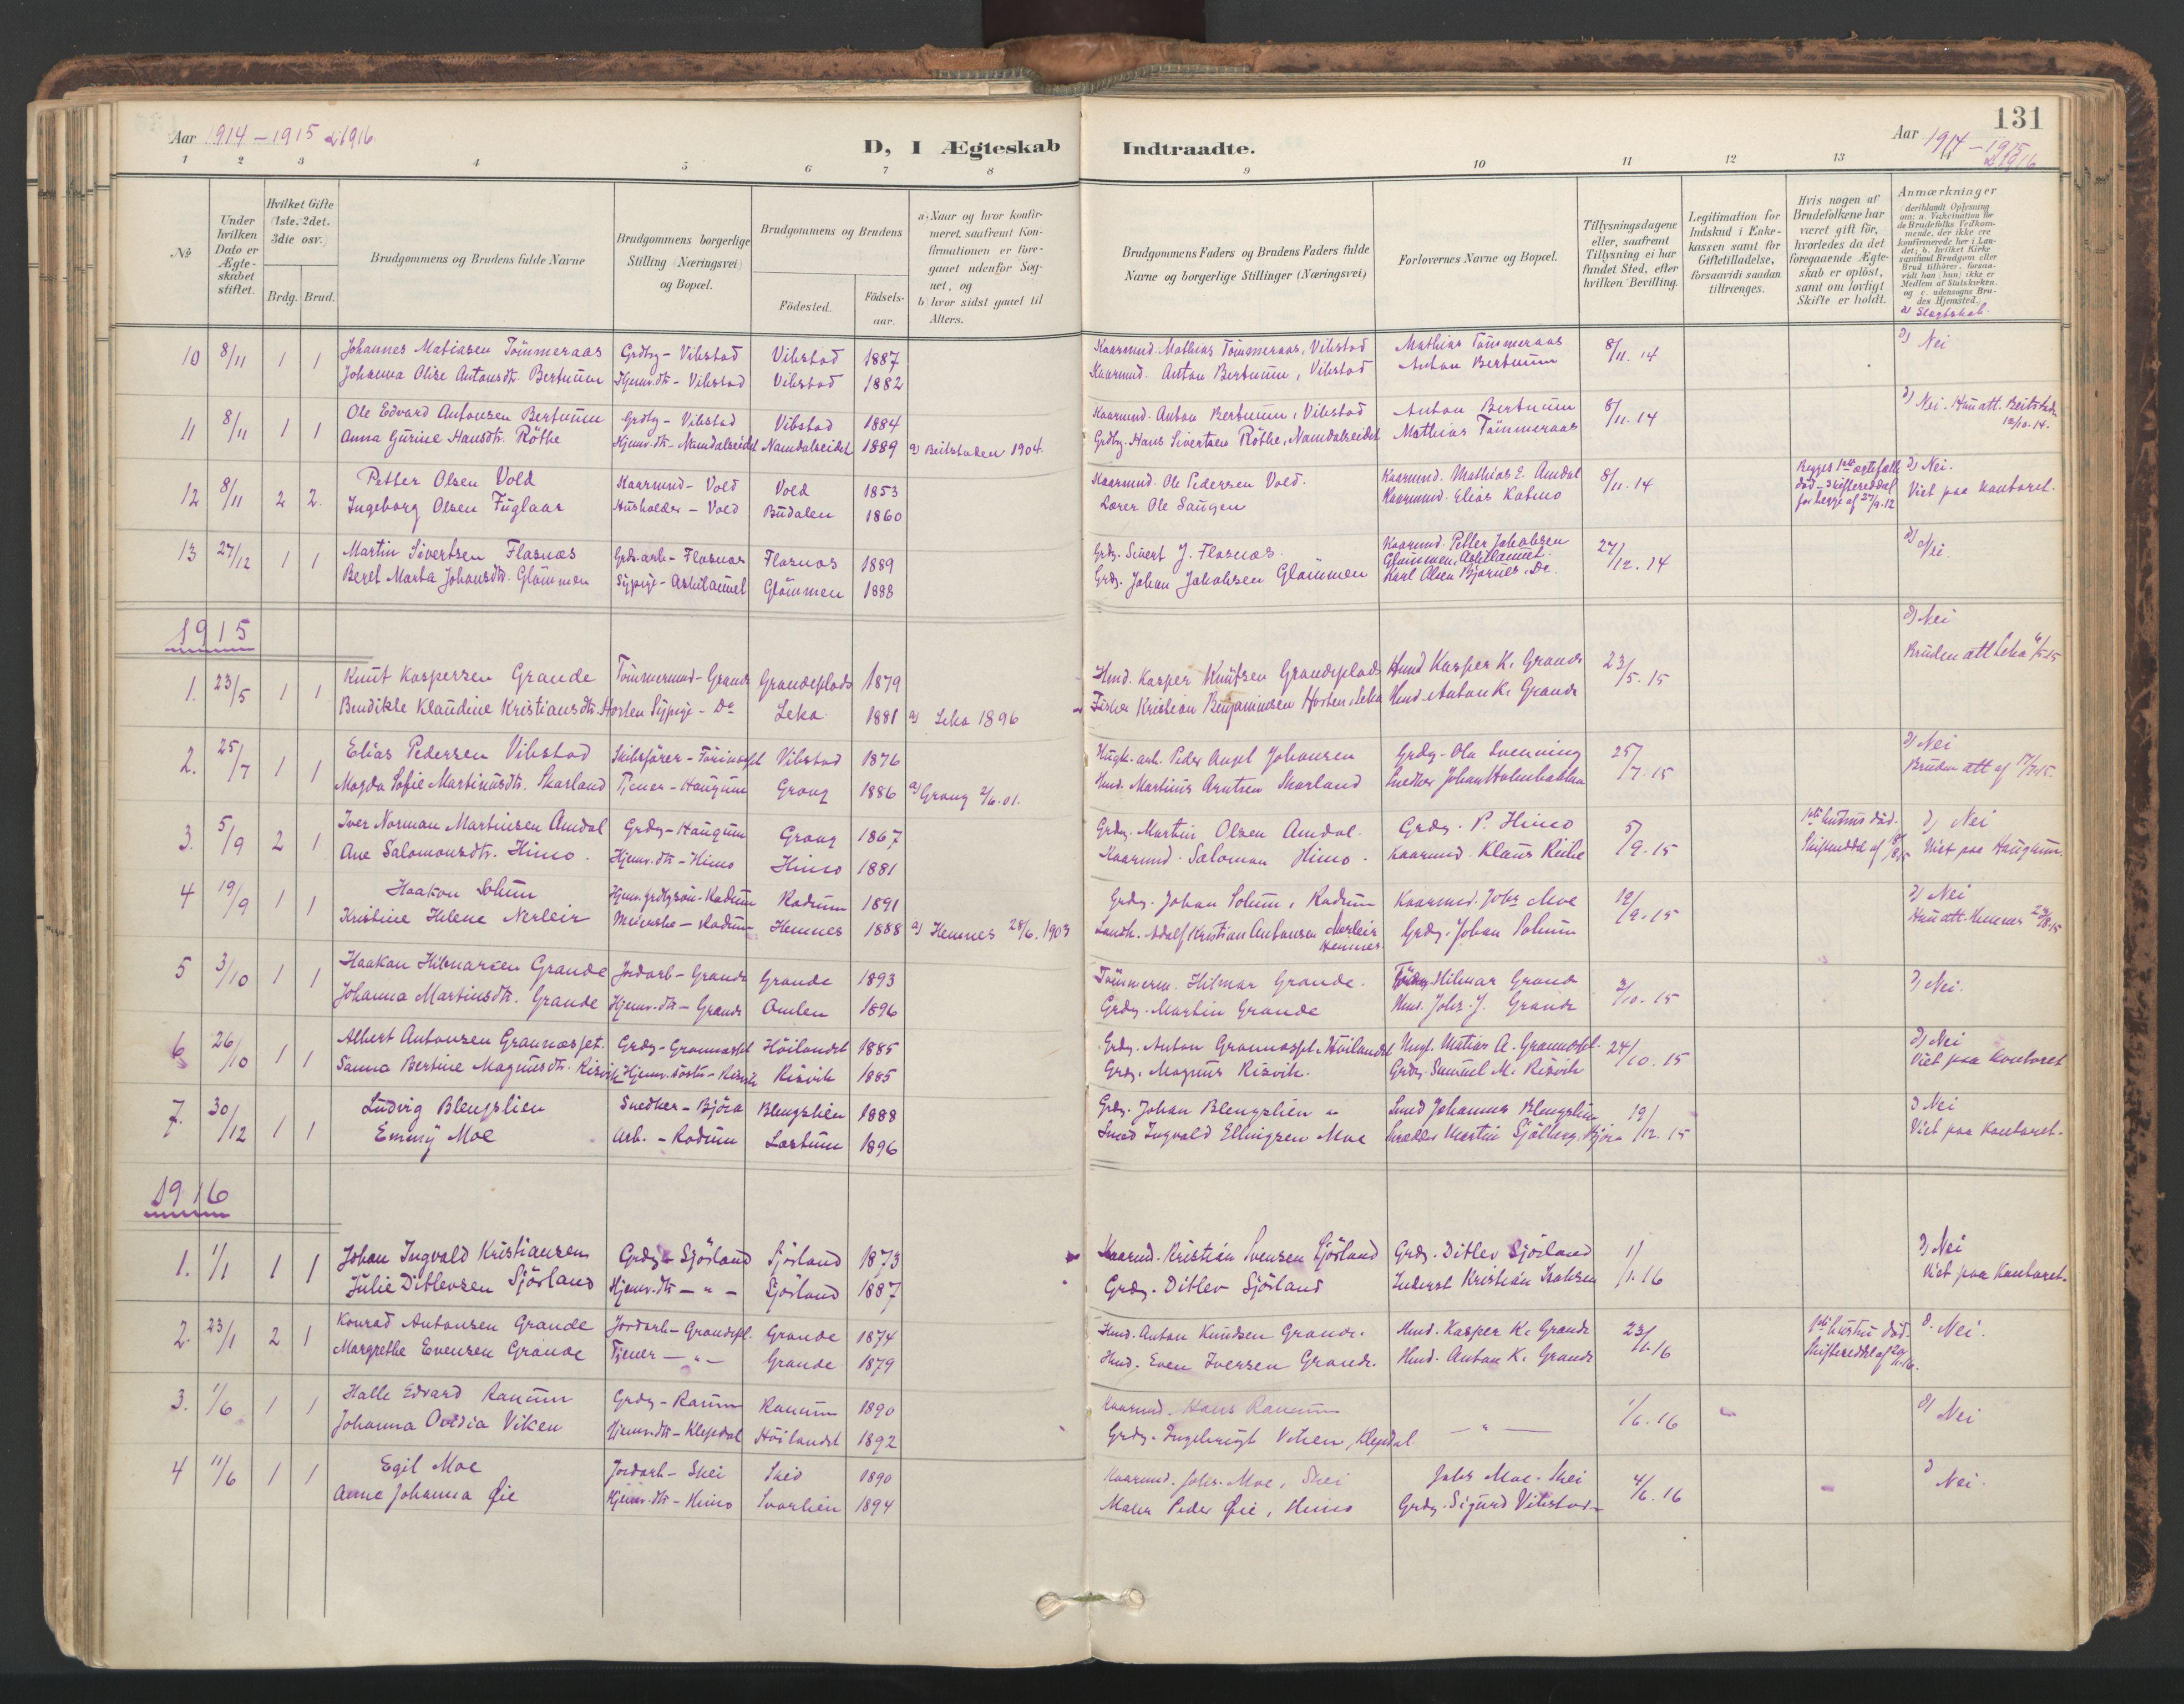 SAT, Ministerialprotokoller, klokkerbøker og fødselsregistre - Nord-Trøndelag, 764/L0556: Ministerialbok nr. 764A11, 1897-1924, s. 131